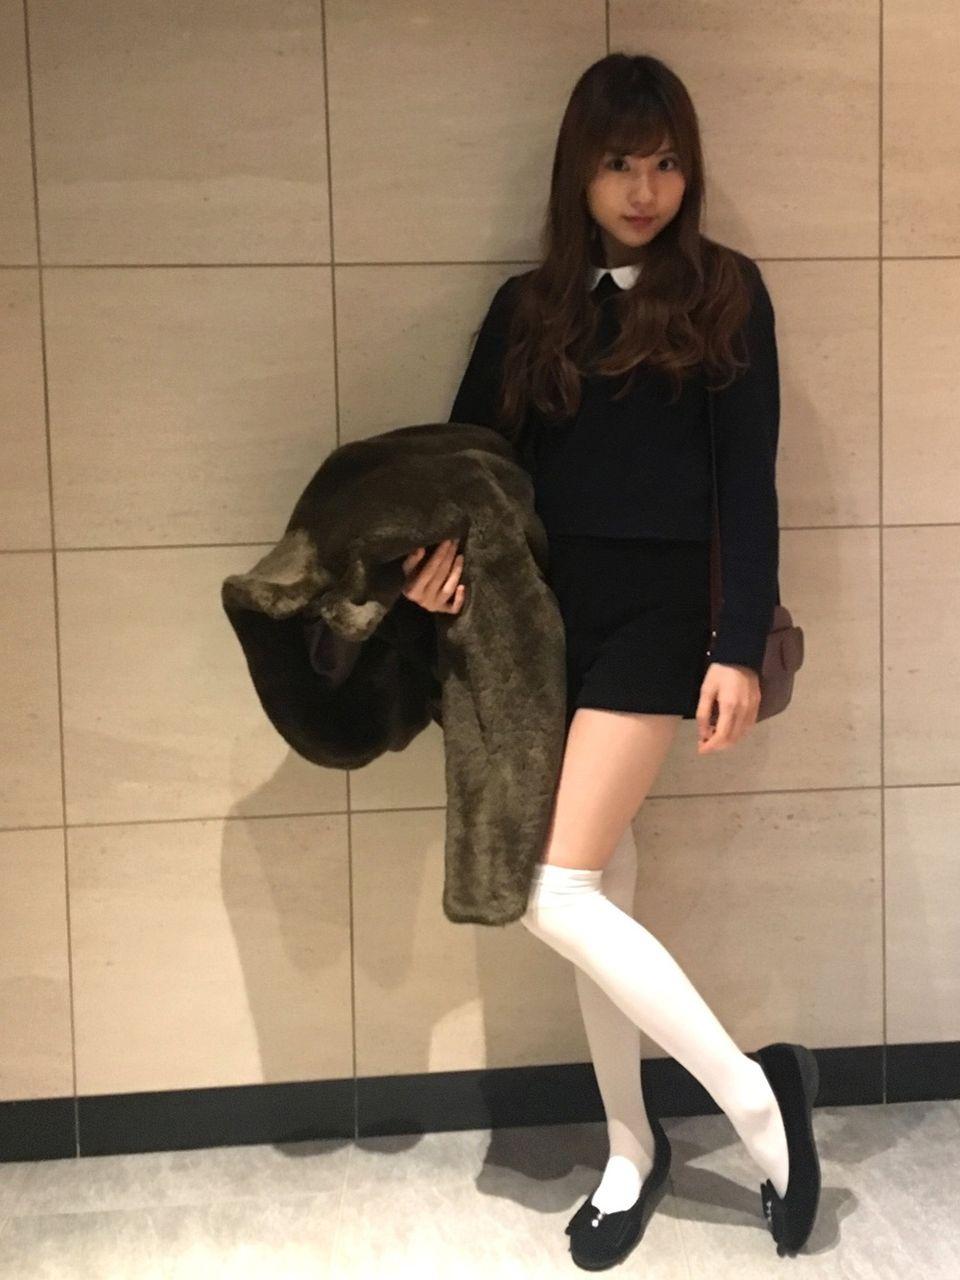 【NMB48】モカちゃん「インスタ動画はじめました」【林萌々香】